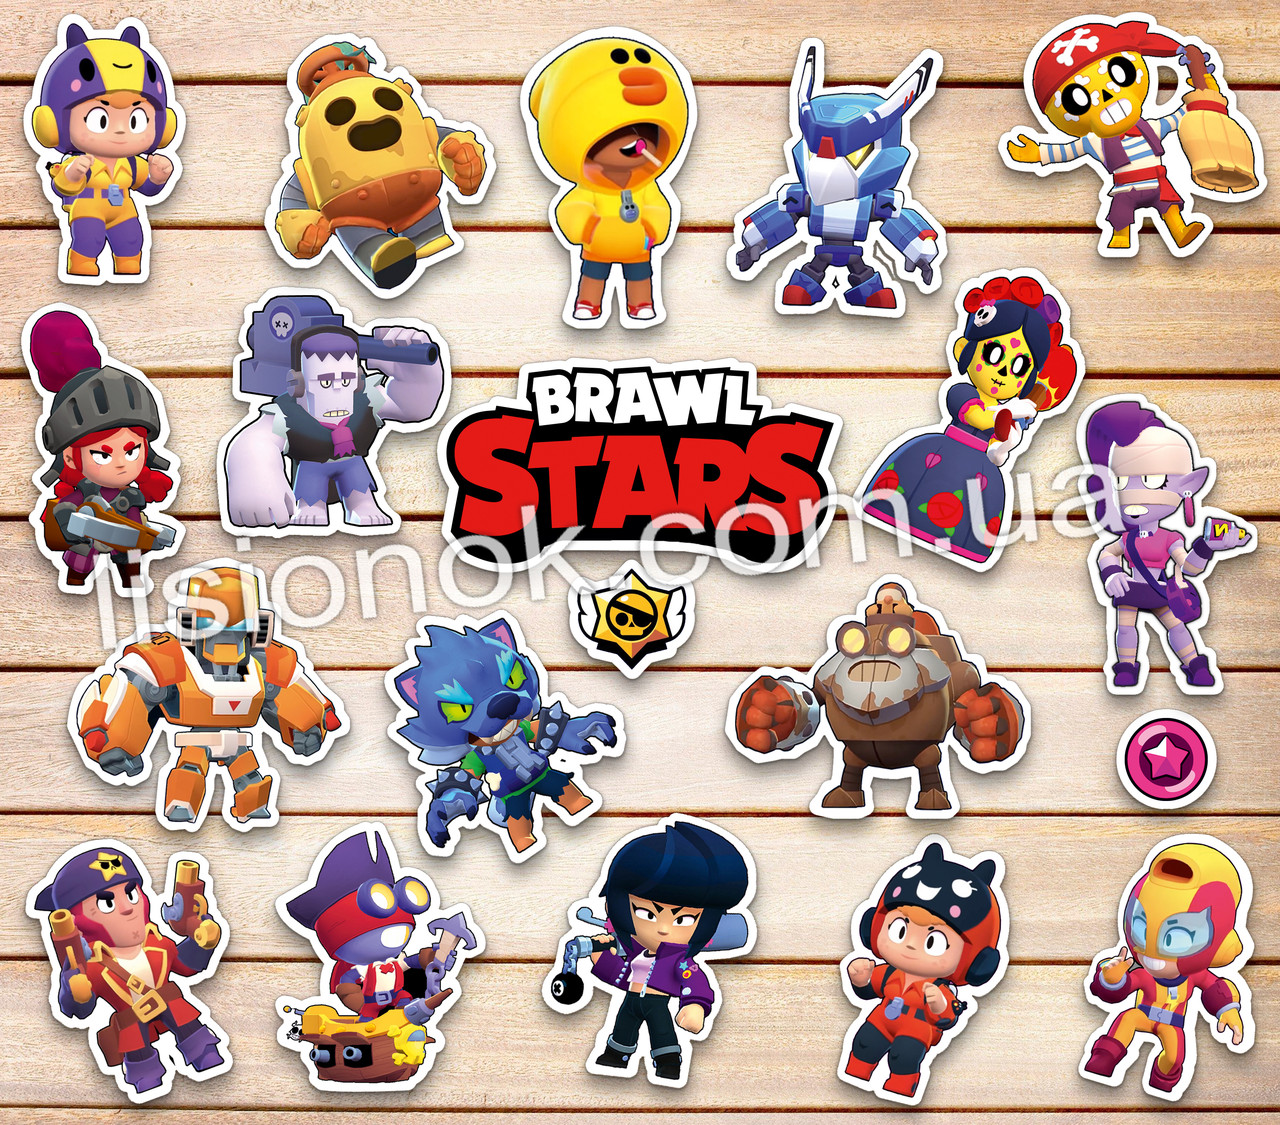 Набор наклеек Brawl Stars (Коллекция №2) с героями любимой игры, стикеры Бравл Старс